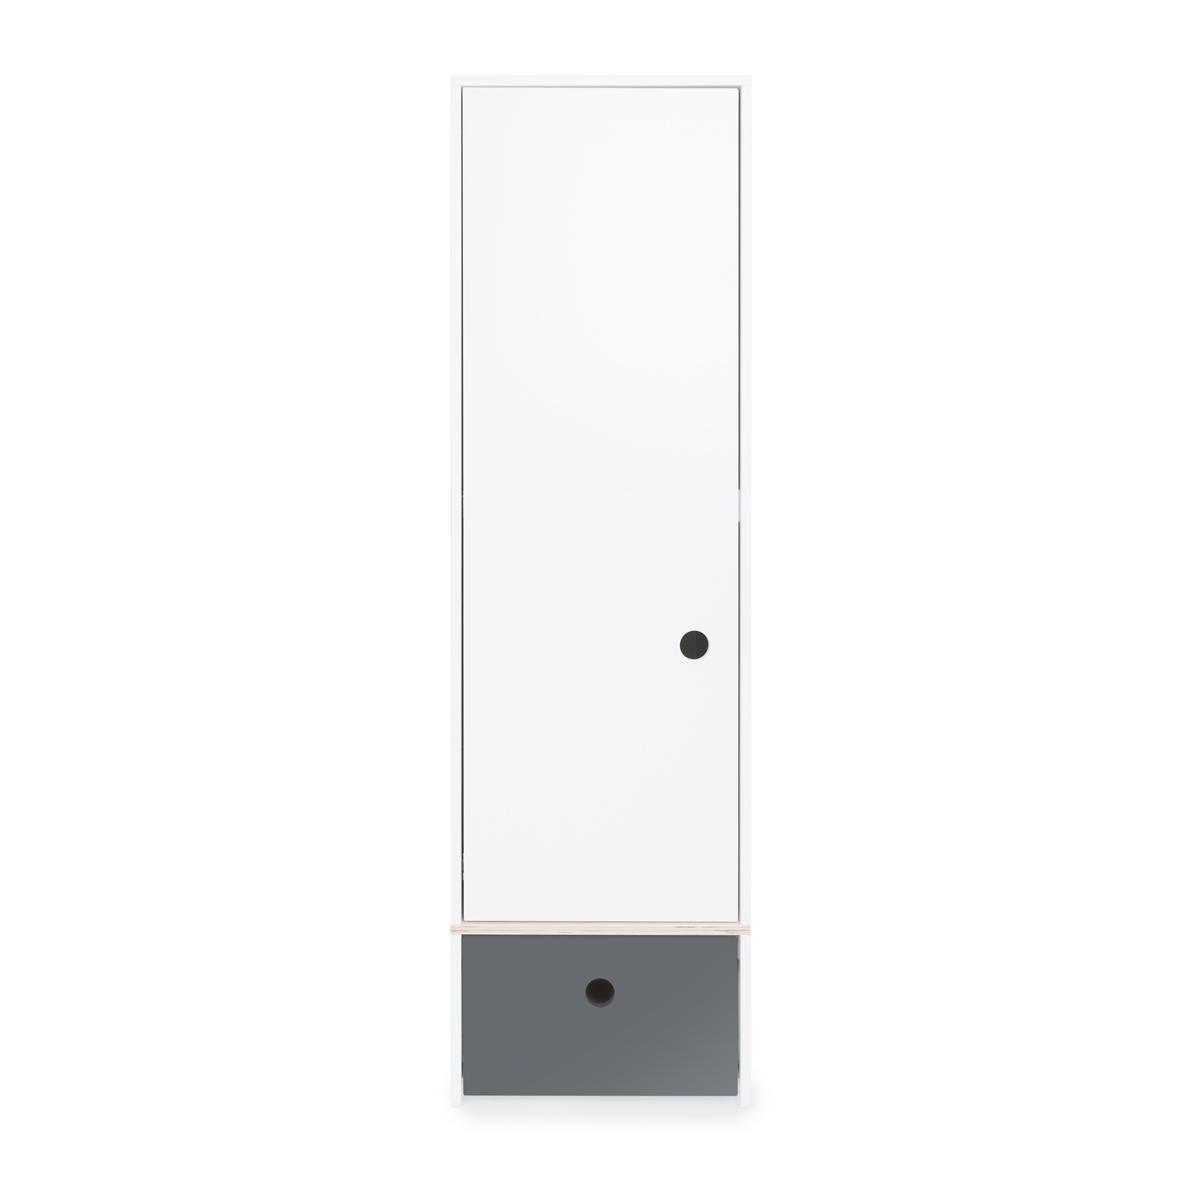 Kleiderschrank 1-türig COLORFLEX Schublade space grey